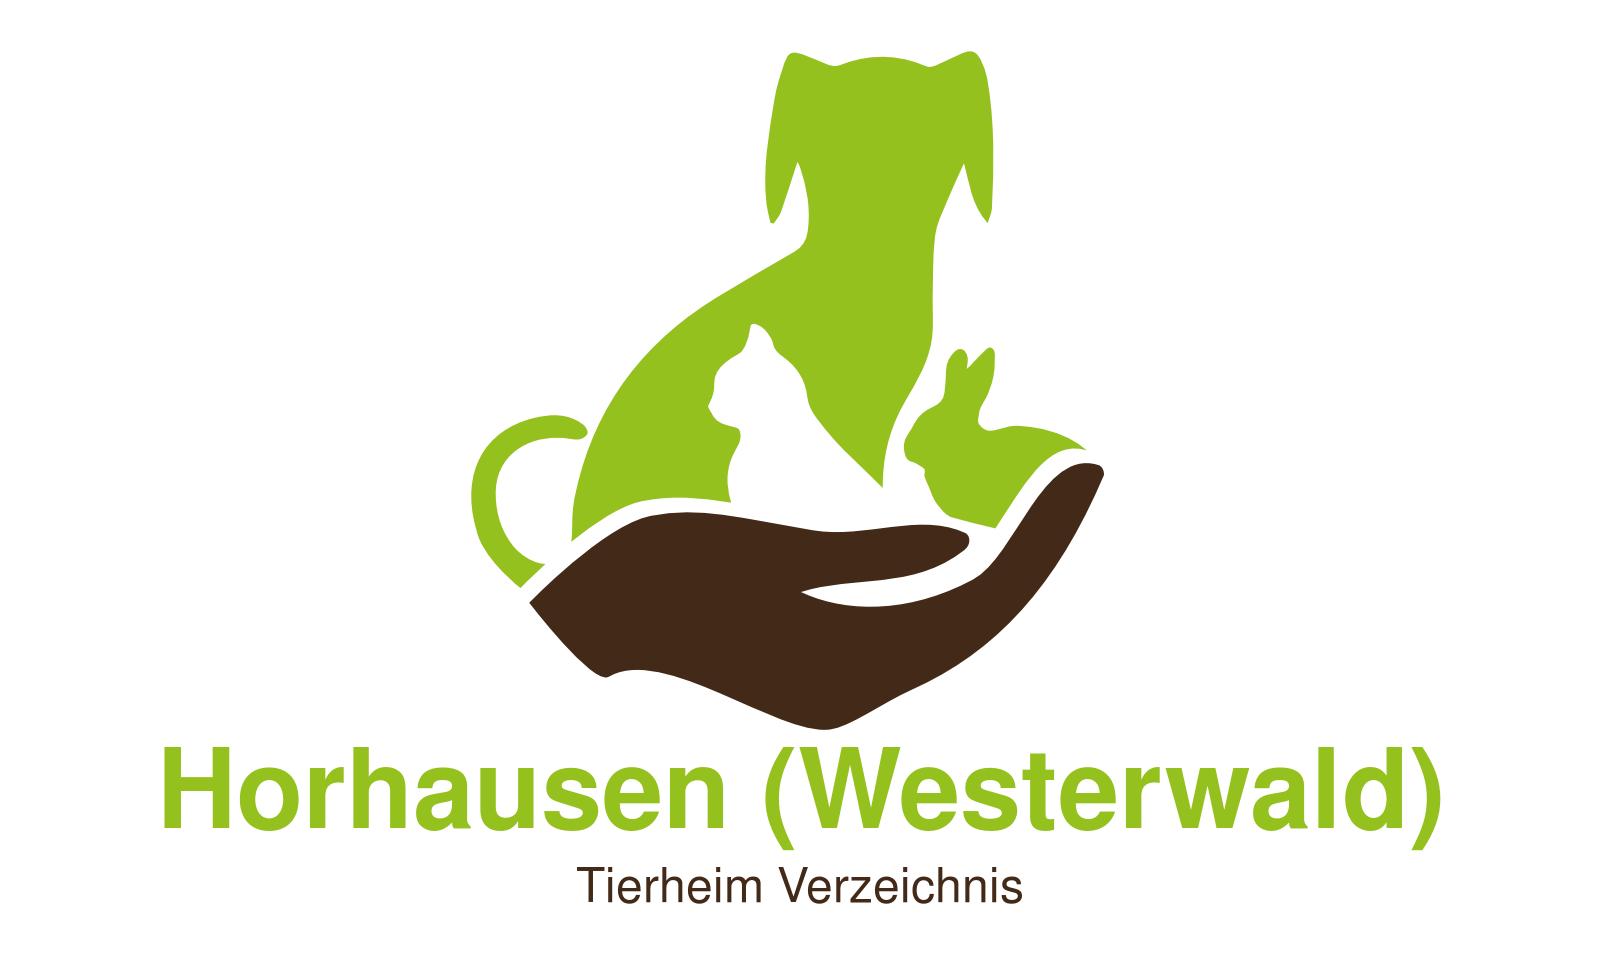 Tierheim Horhausen (Westerwald)